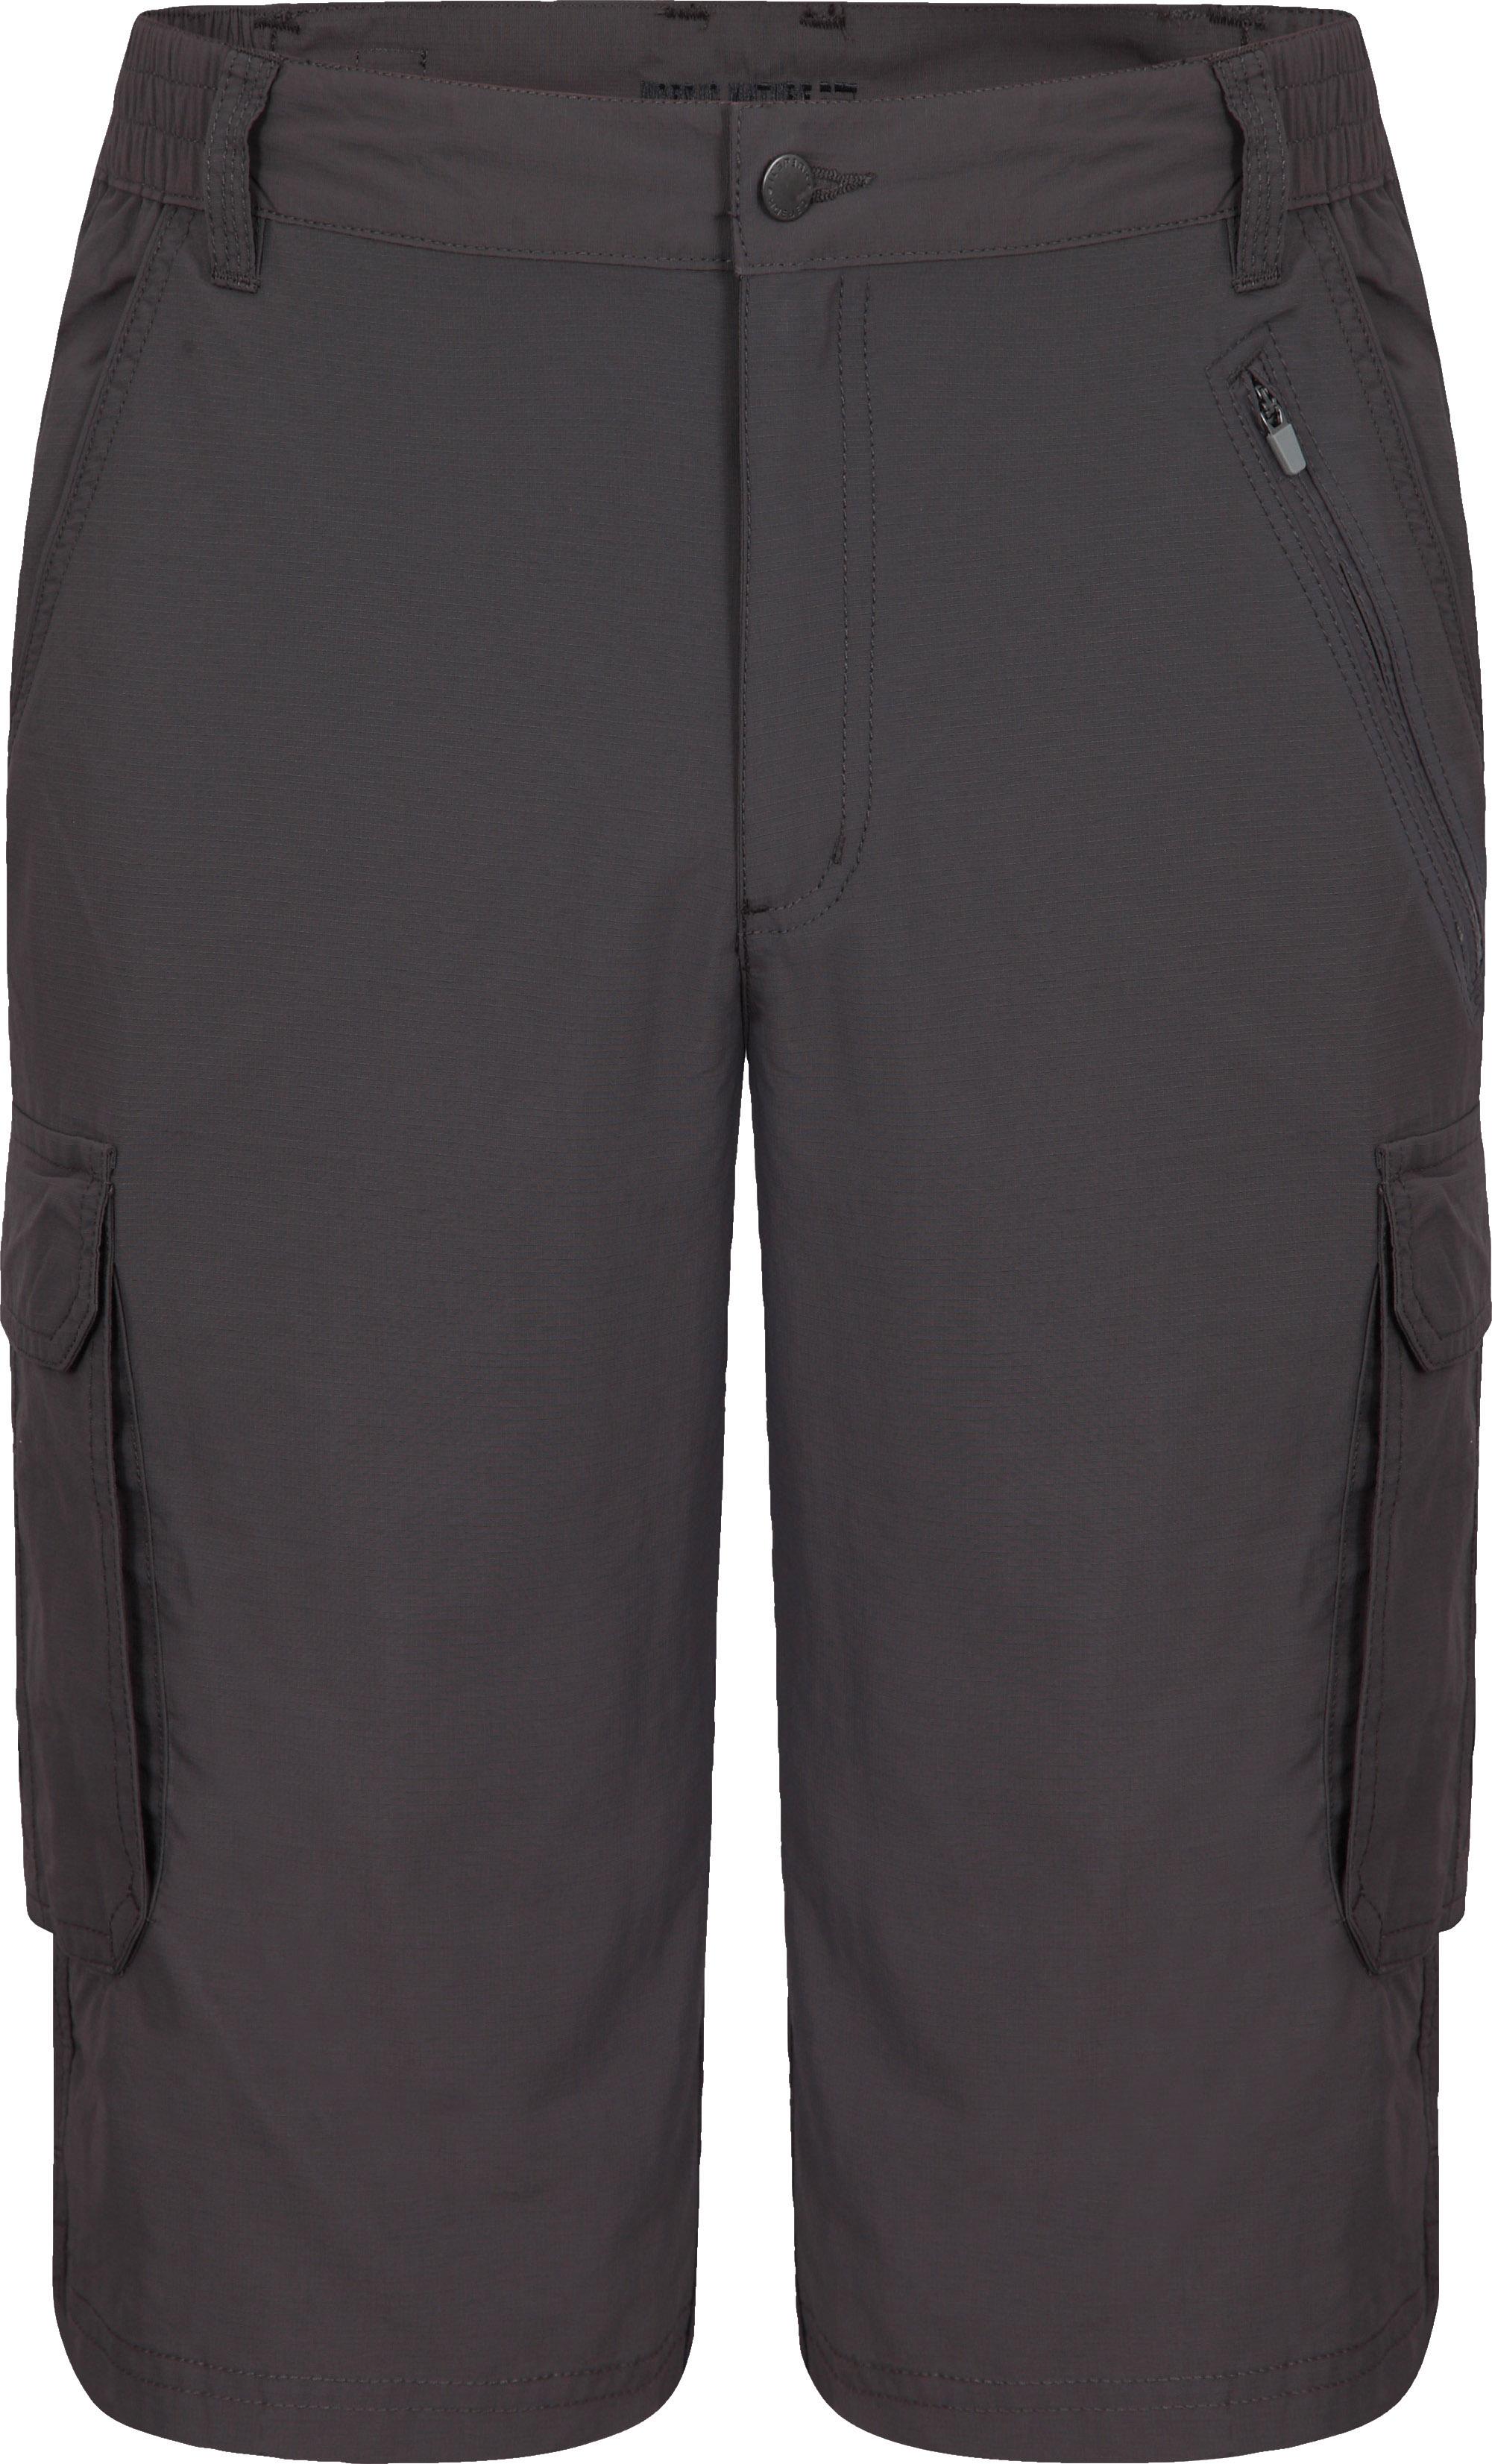 Shorts Icepeak Leif anthrazit